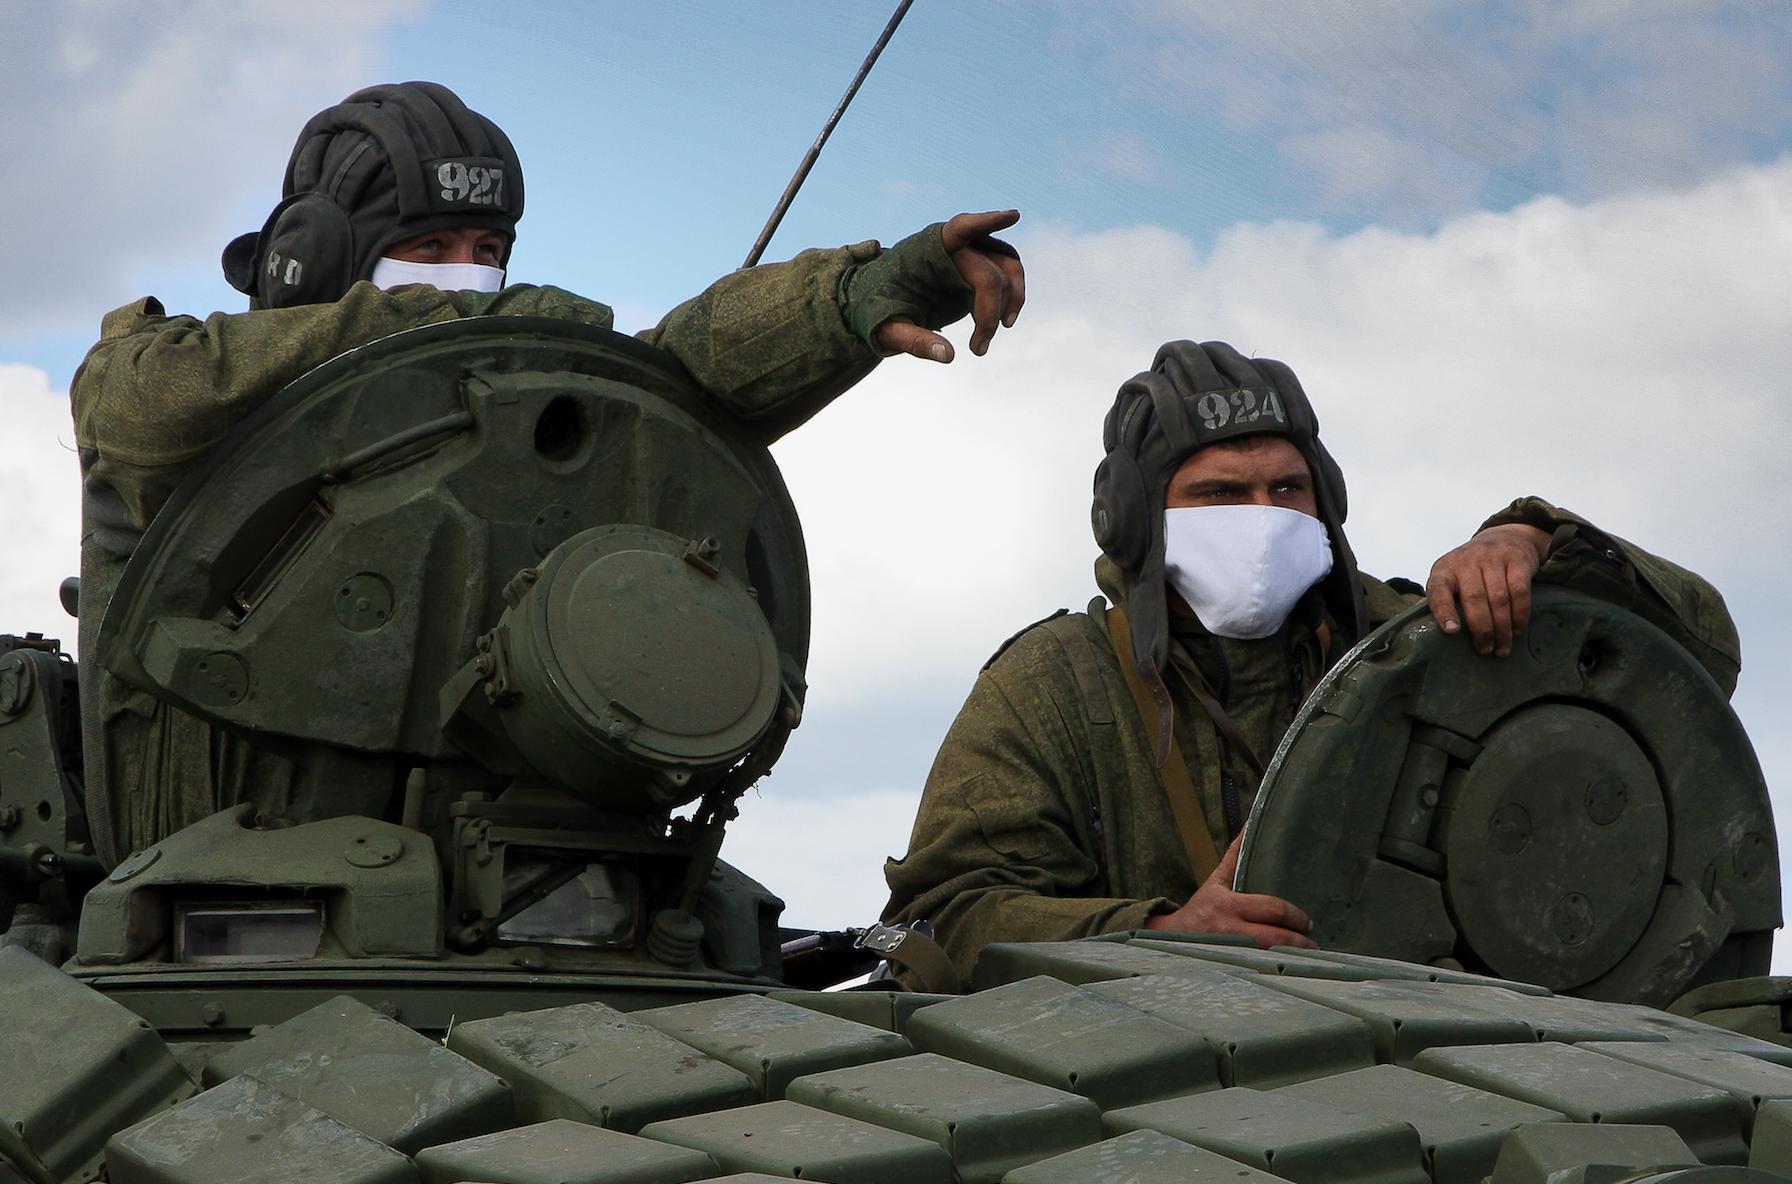 Приказ о прекращении огня в Донбассе выдали на Украине